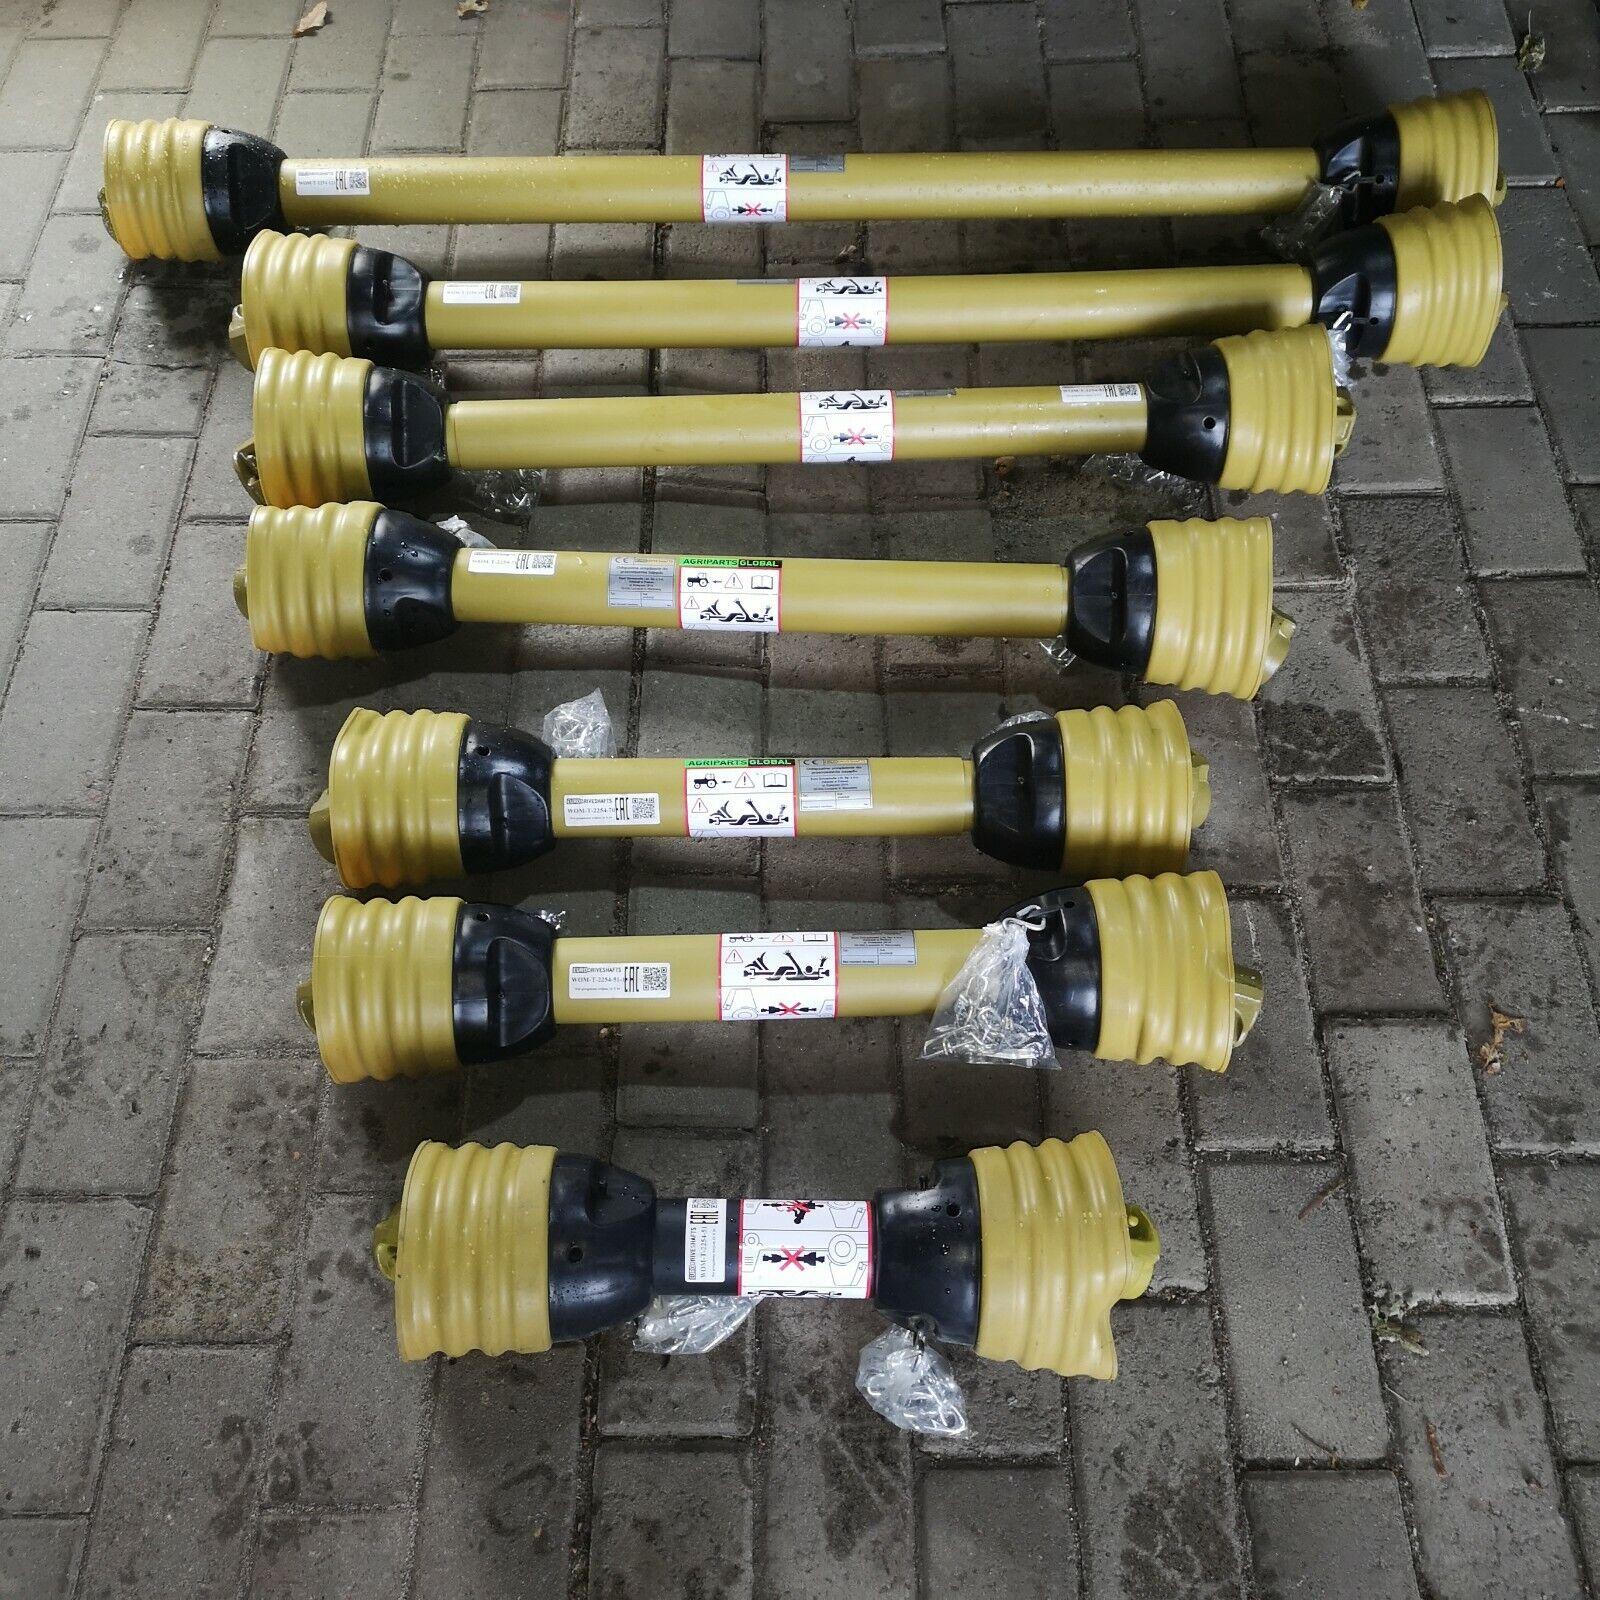 Kardanwelle Schlepper 1010 mm lang Gelenkwelle Traktor 6 Z/ähne 1 3//8 Drehmoment mit Kugelverschluss /& Schiebestift